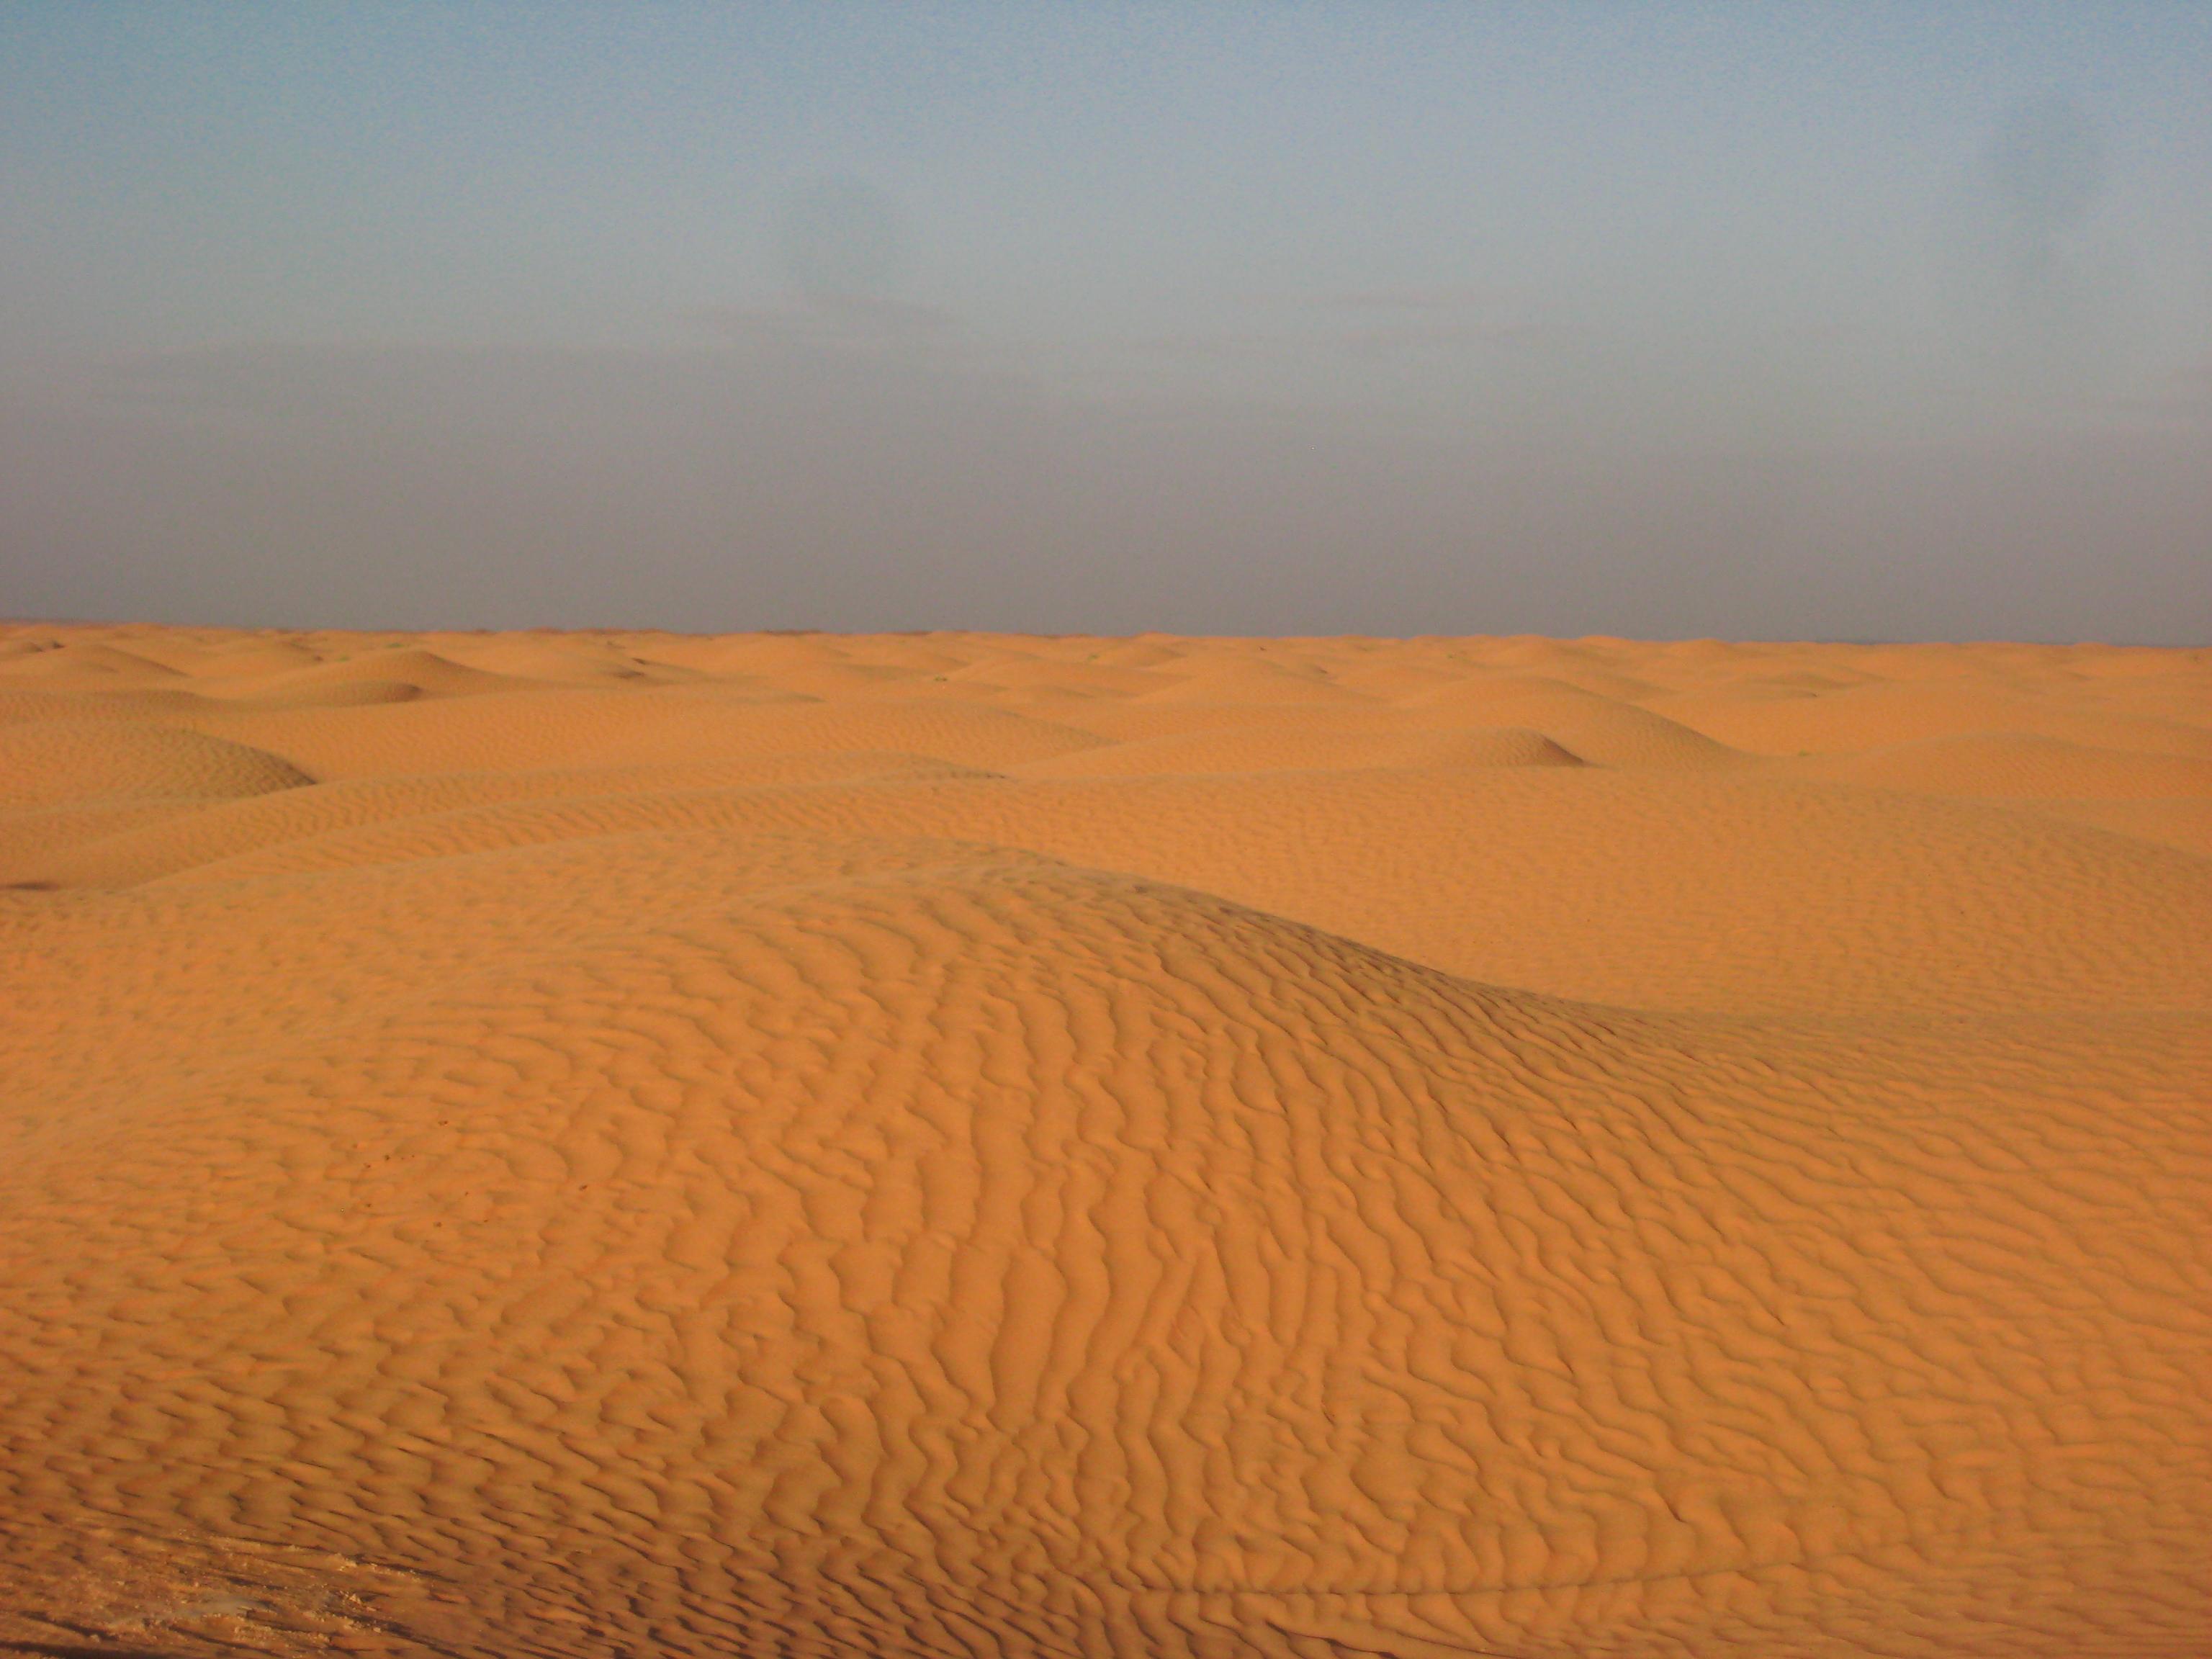 Coucher de soleil sur le désert tunisien